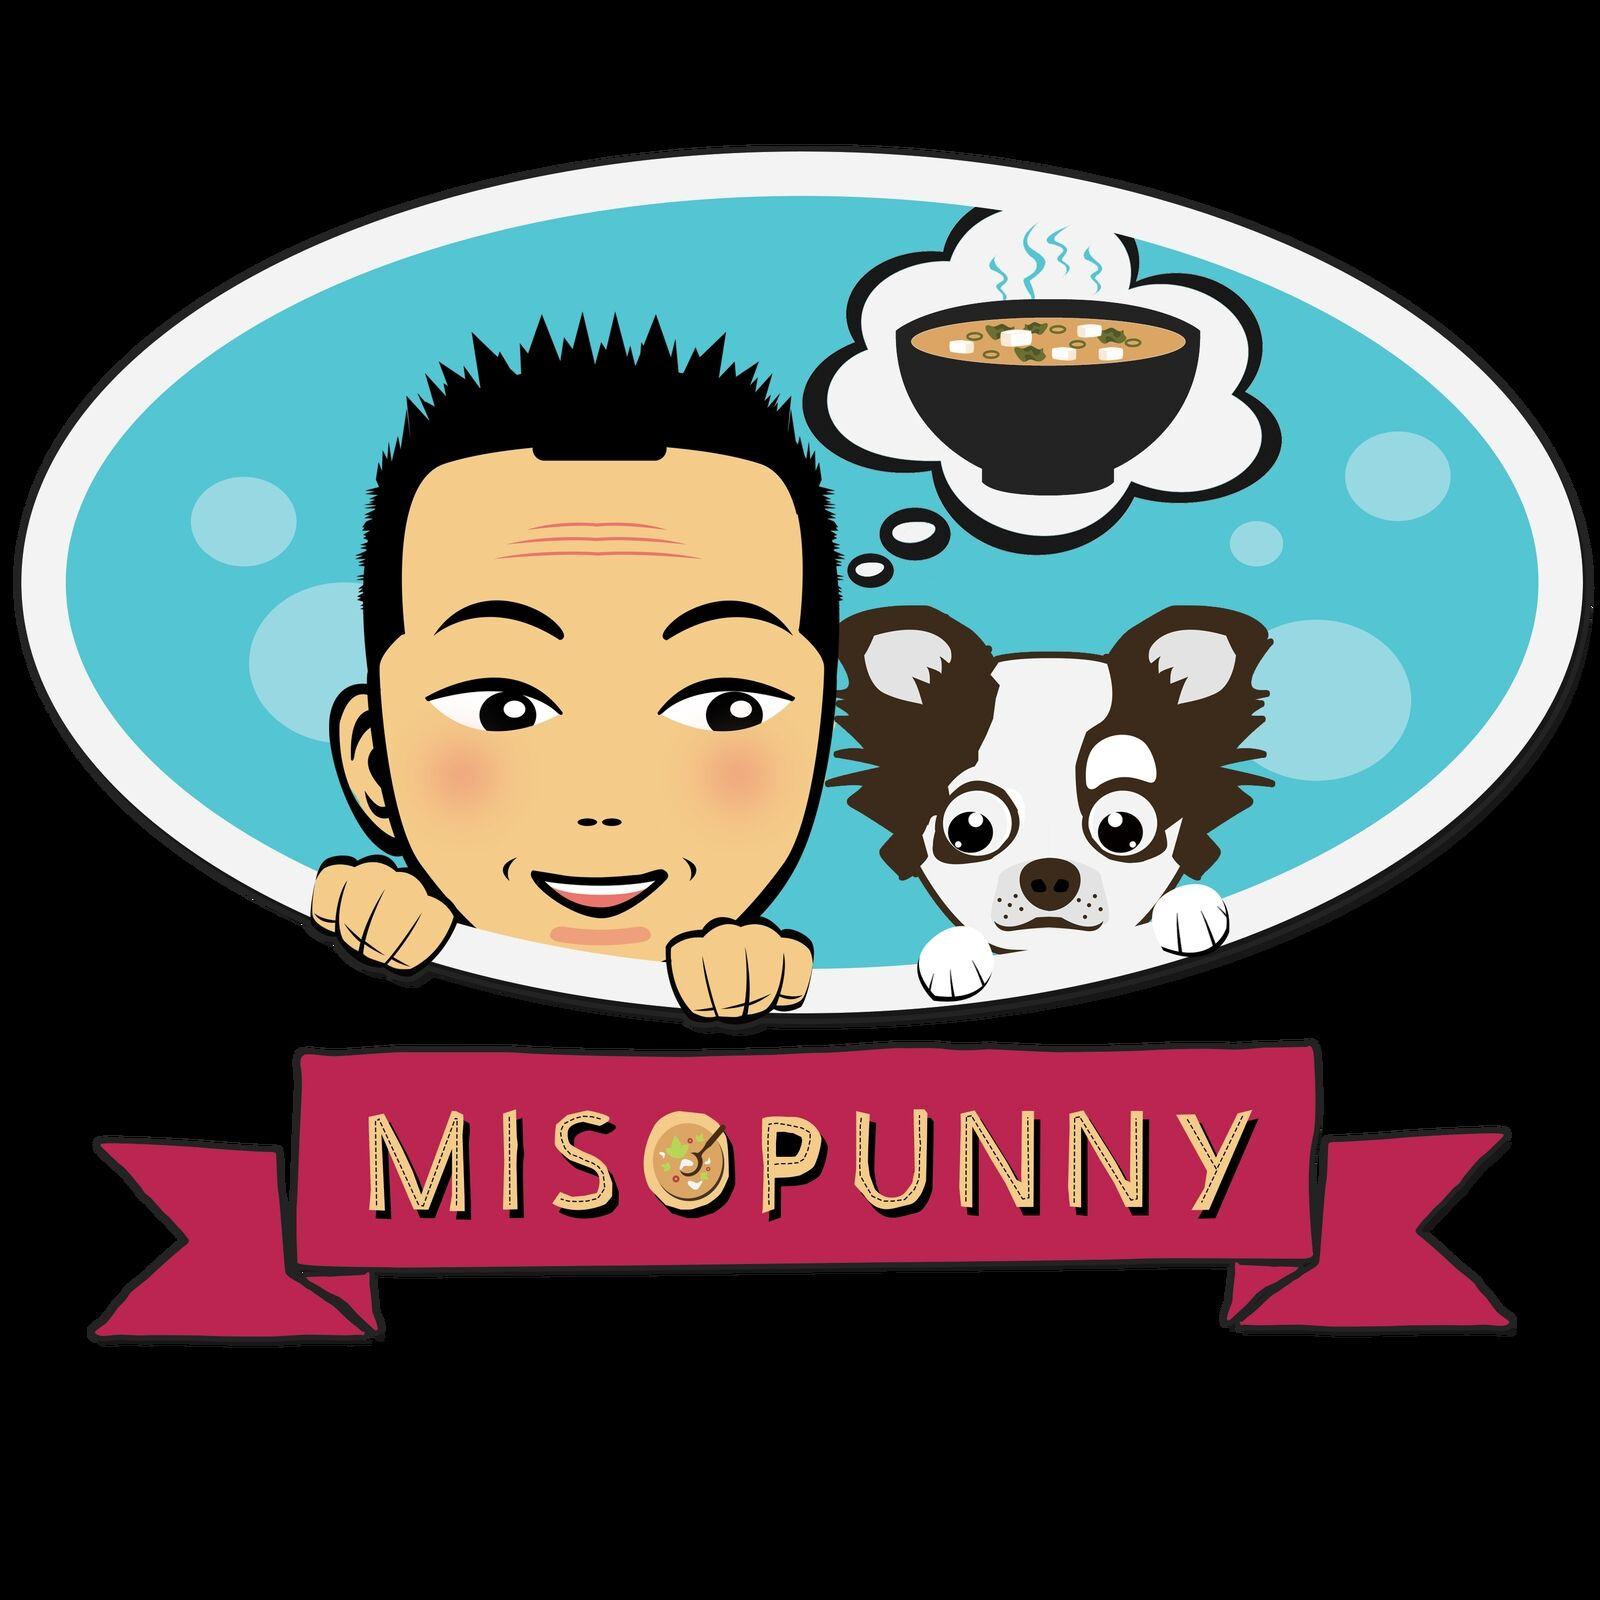 MisoPunny